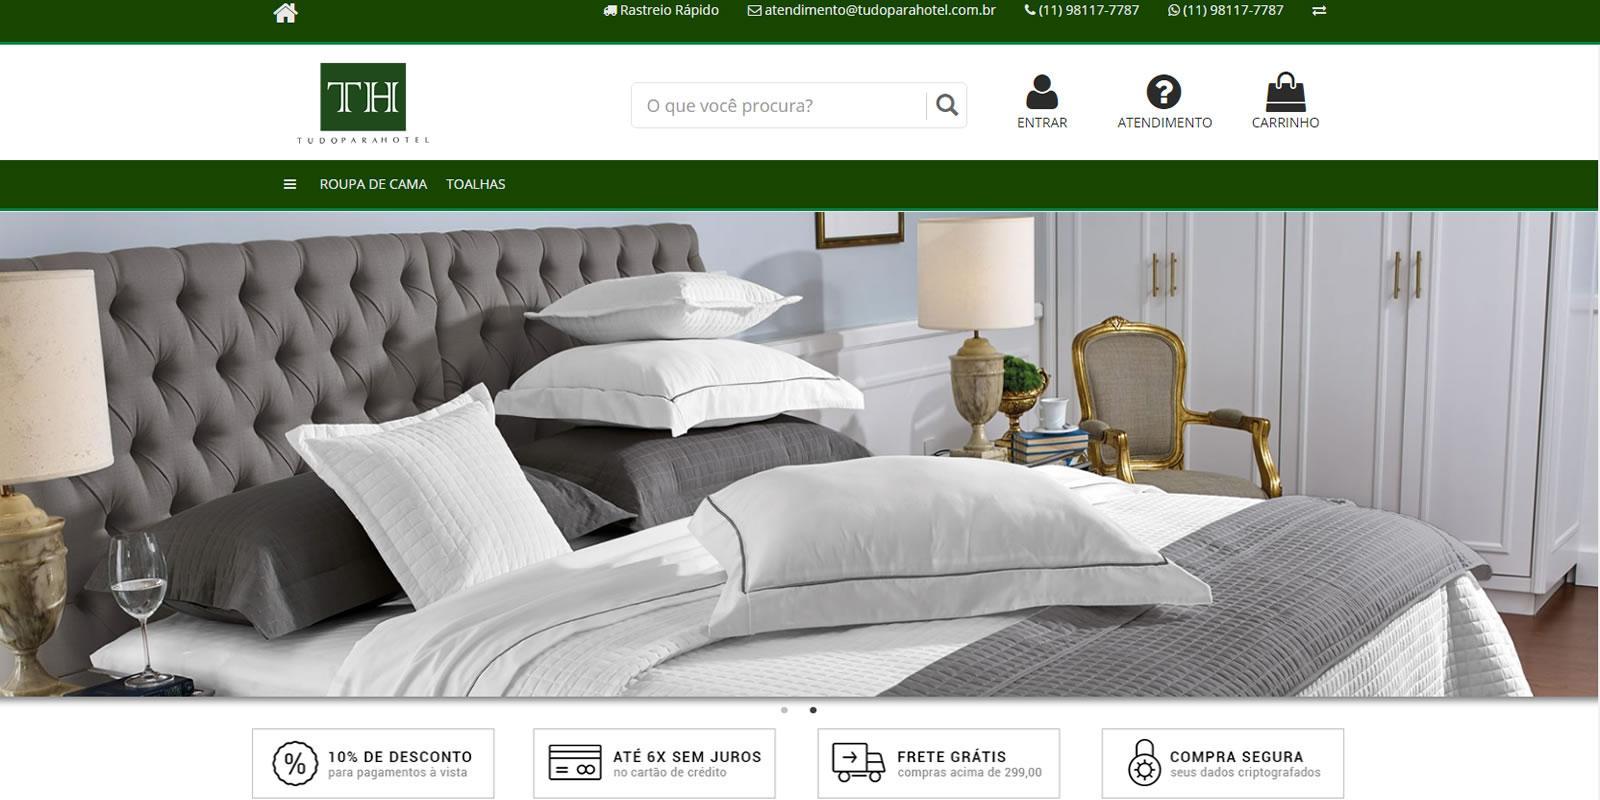 Tudo para Hotel - Comércio de produtos para Hoteis